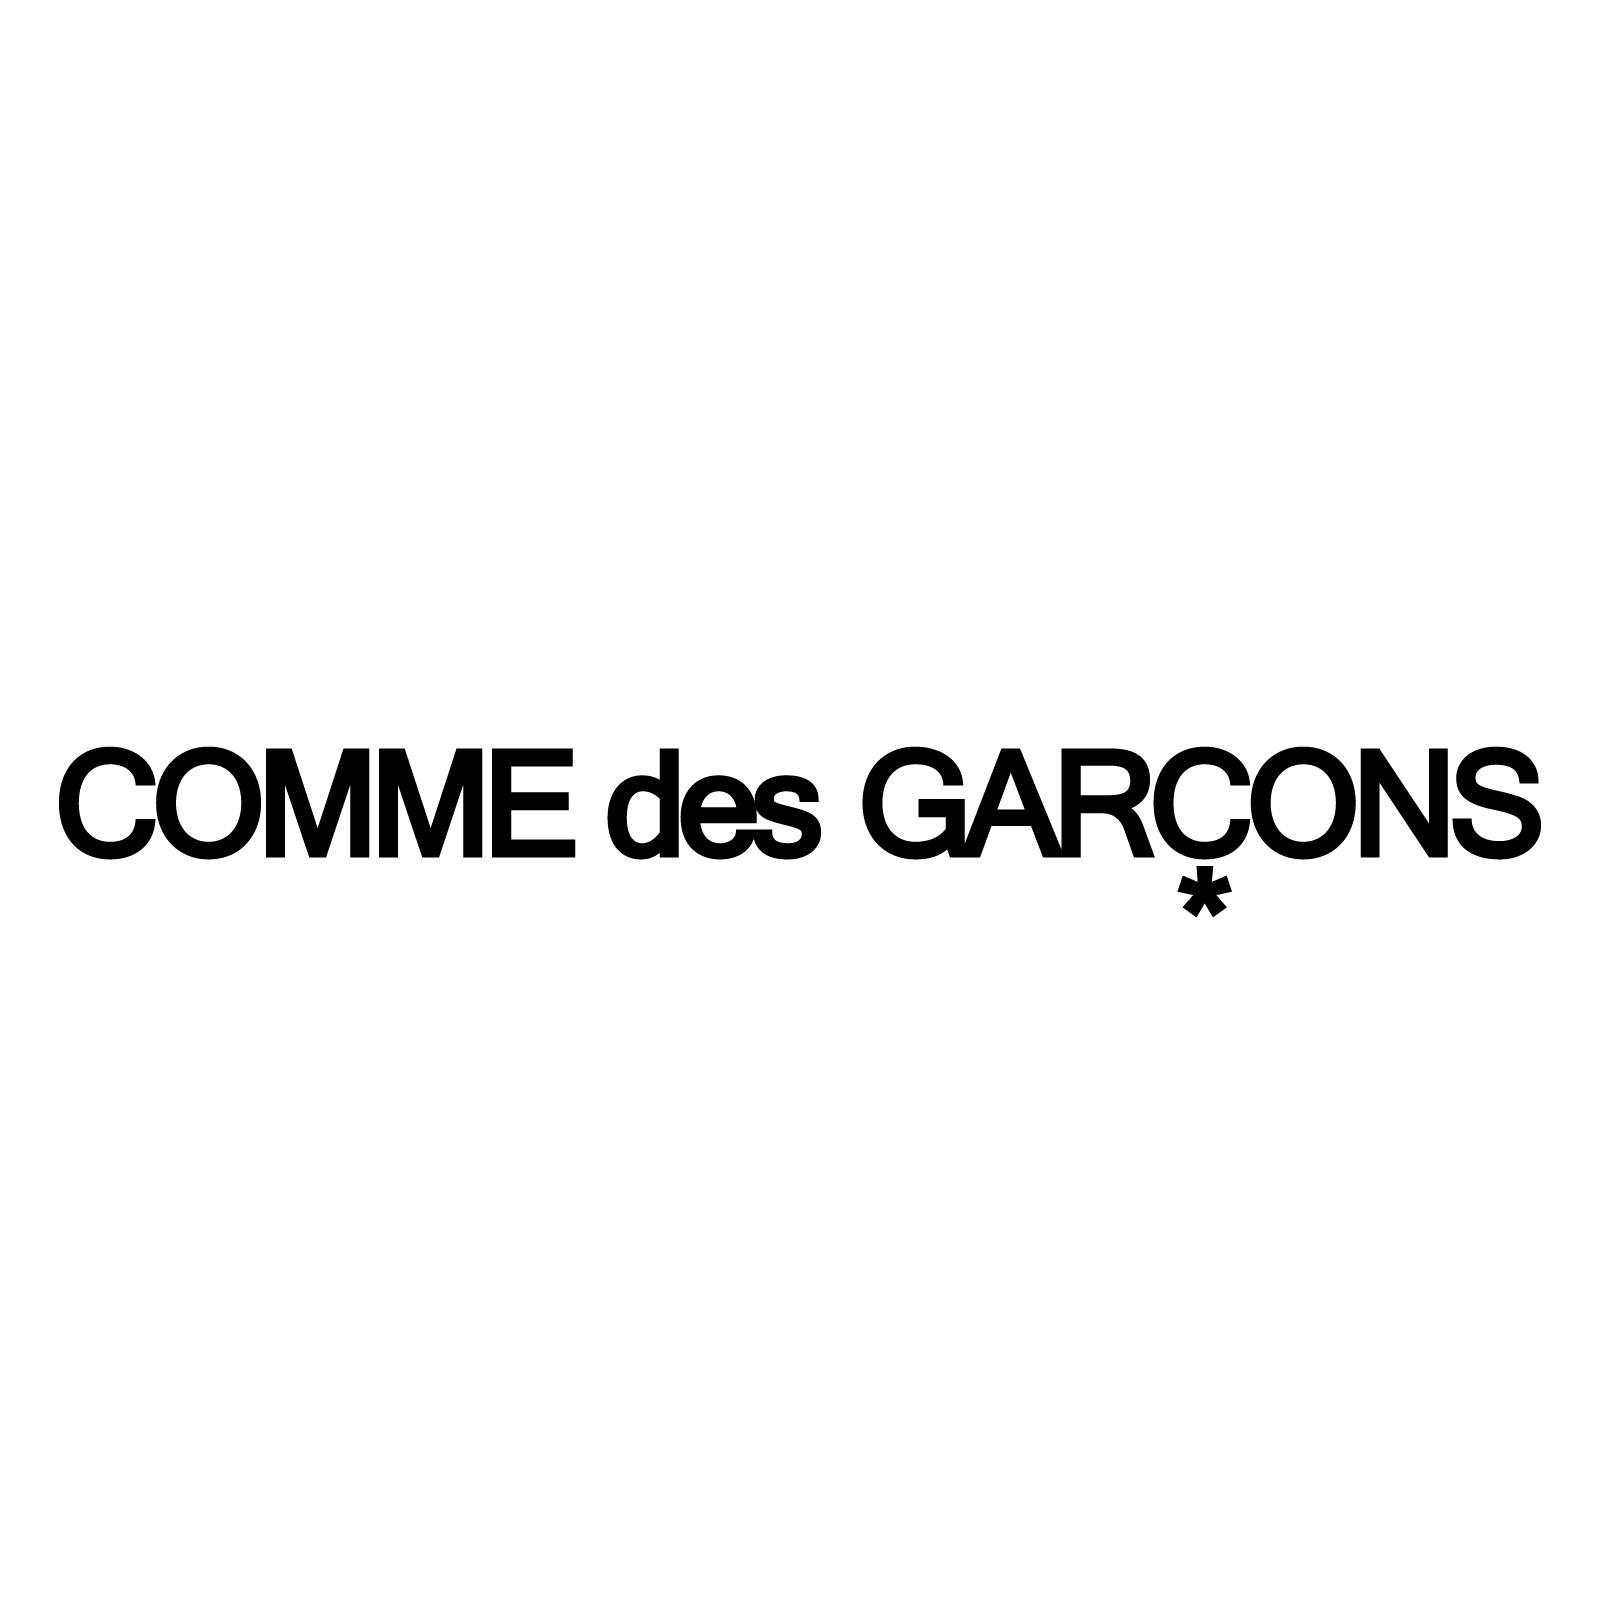 【コムデギャルソンとは?5分解説】 COMME des GARCONS 【2021年夏】財布おすすめ